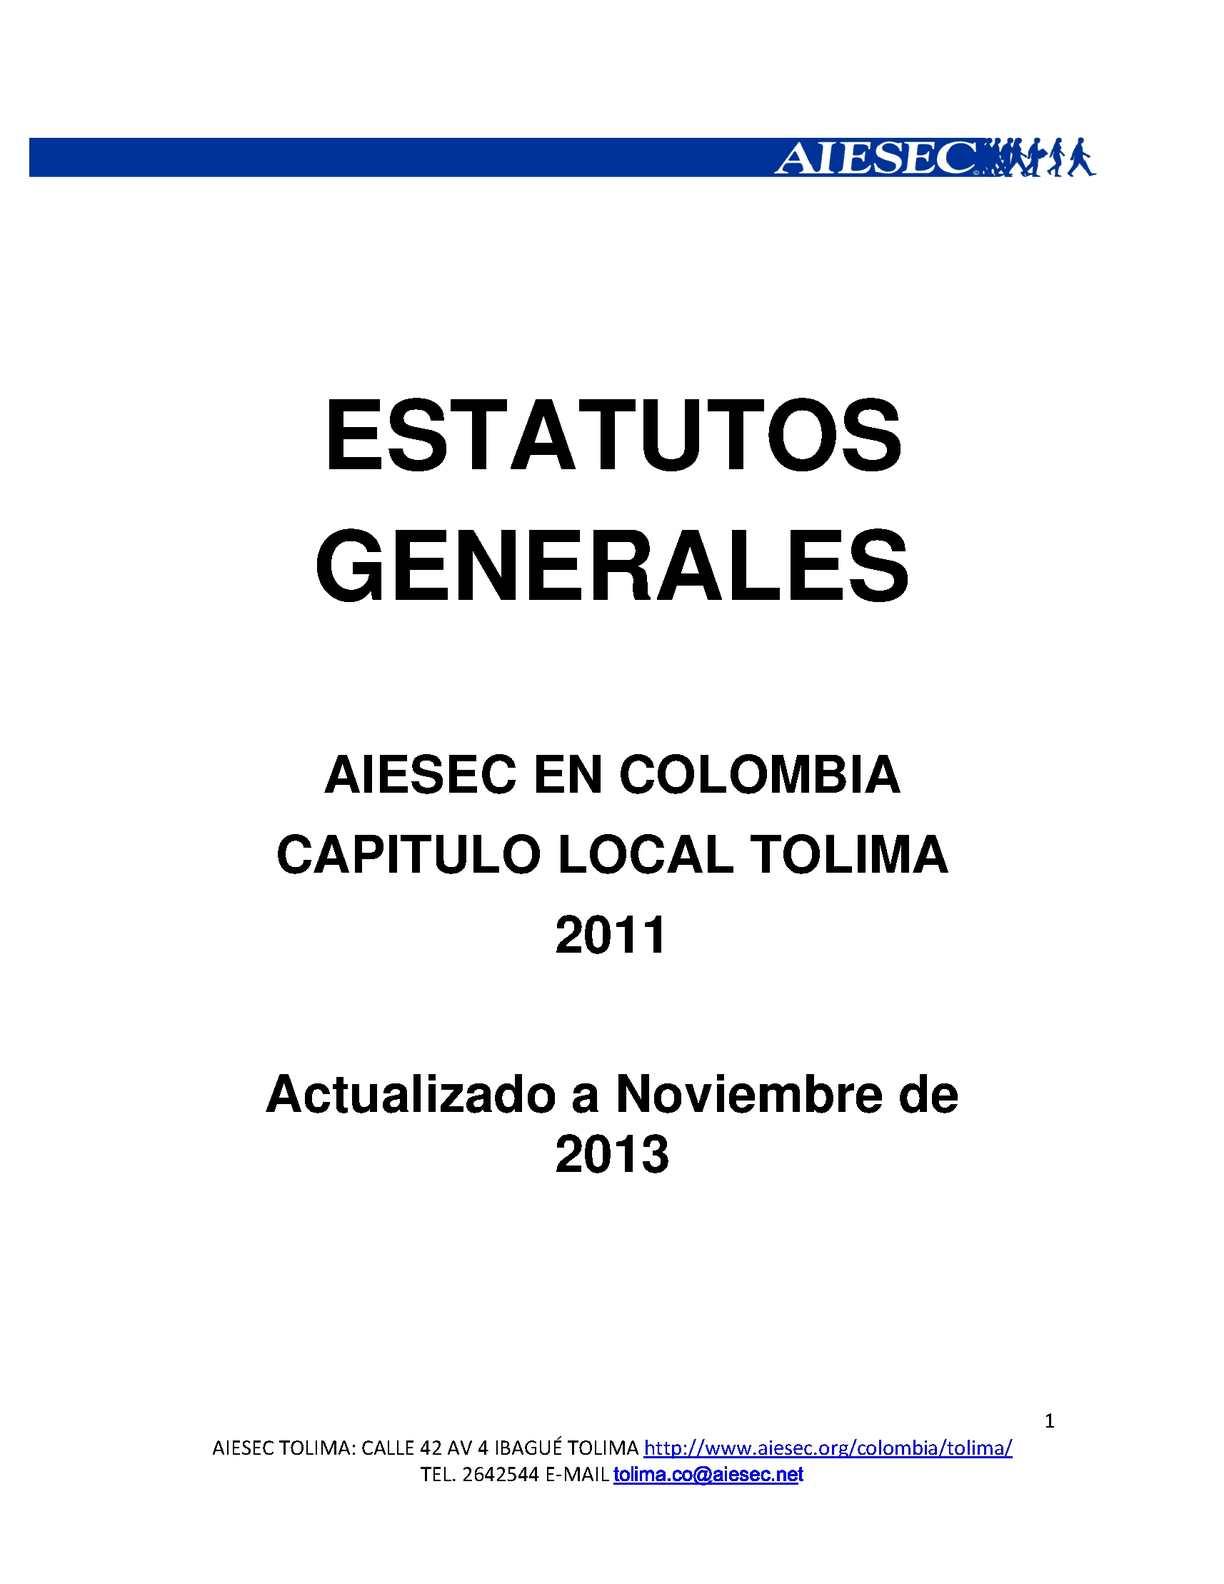 ESTATUTOS GENERALES (junta Directiva Y Otros Organismos).